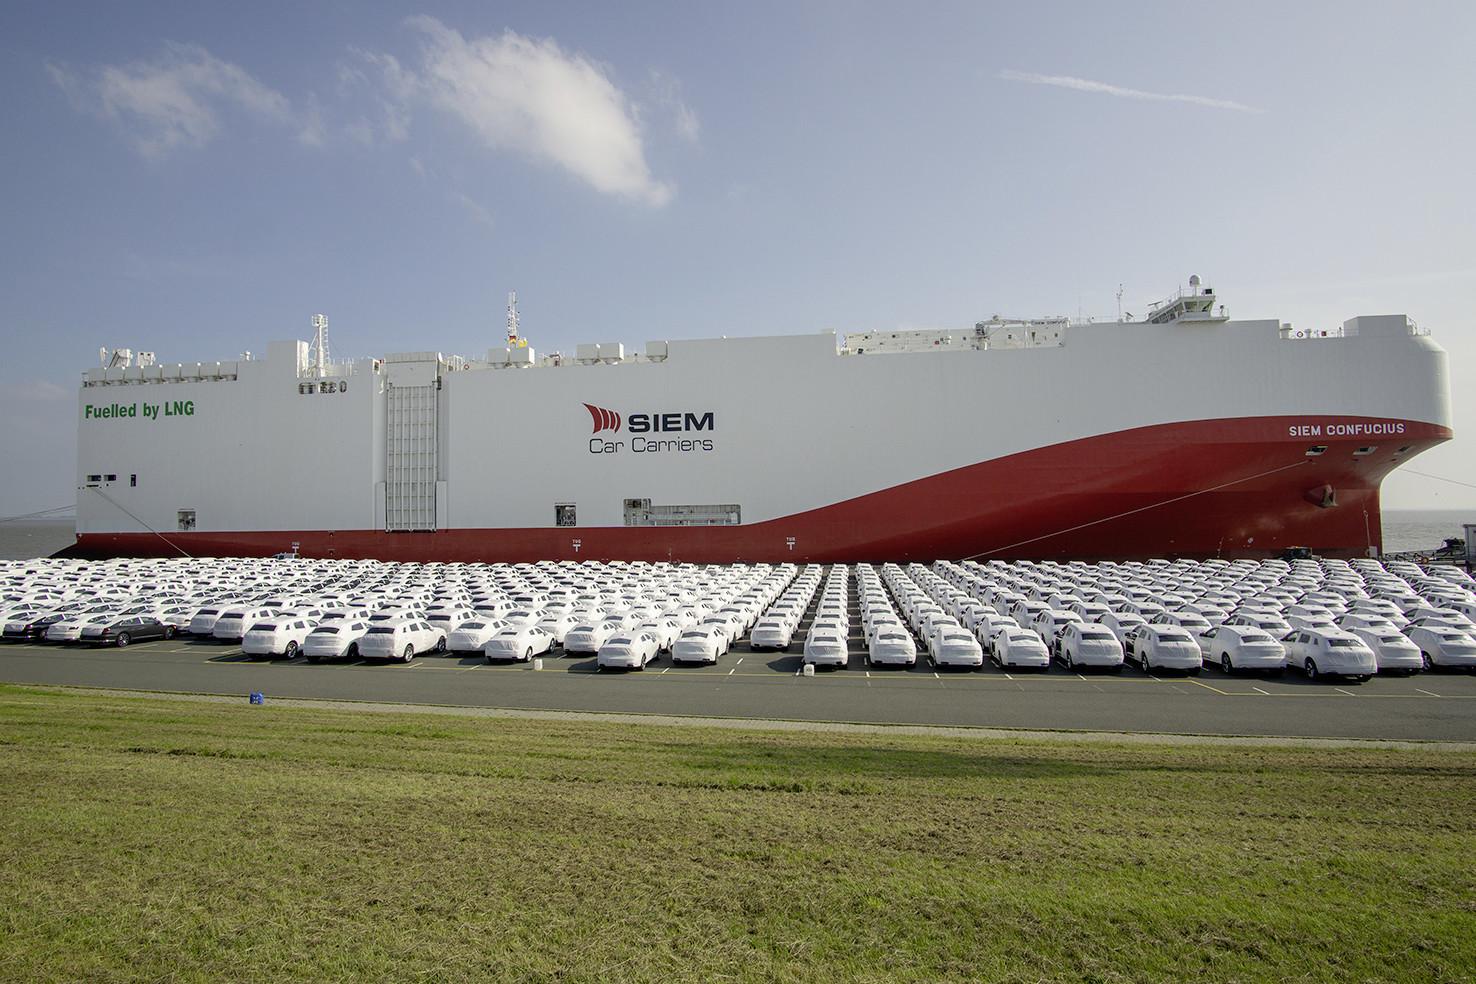 Volkswagen envía sus vehículos en carguero GNL